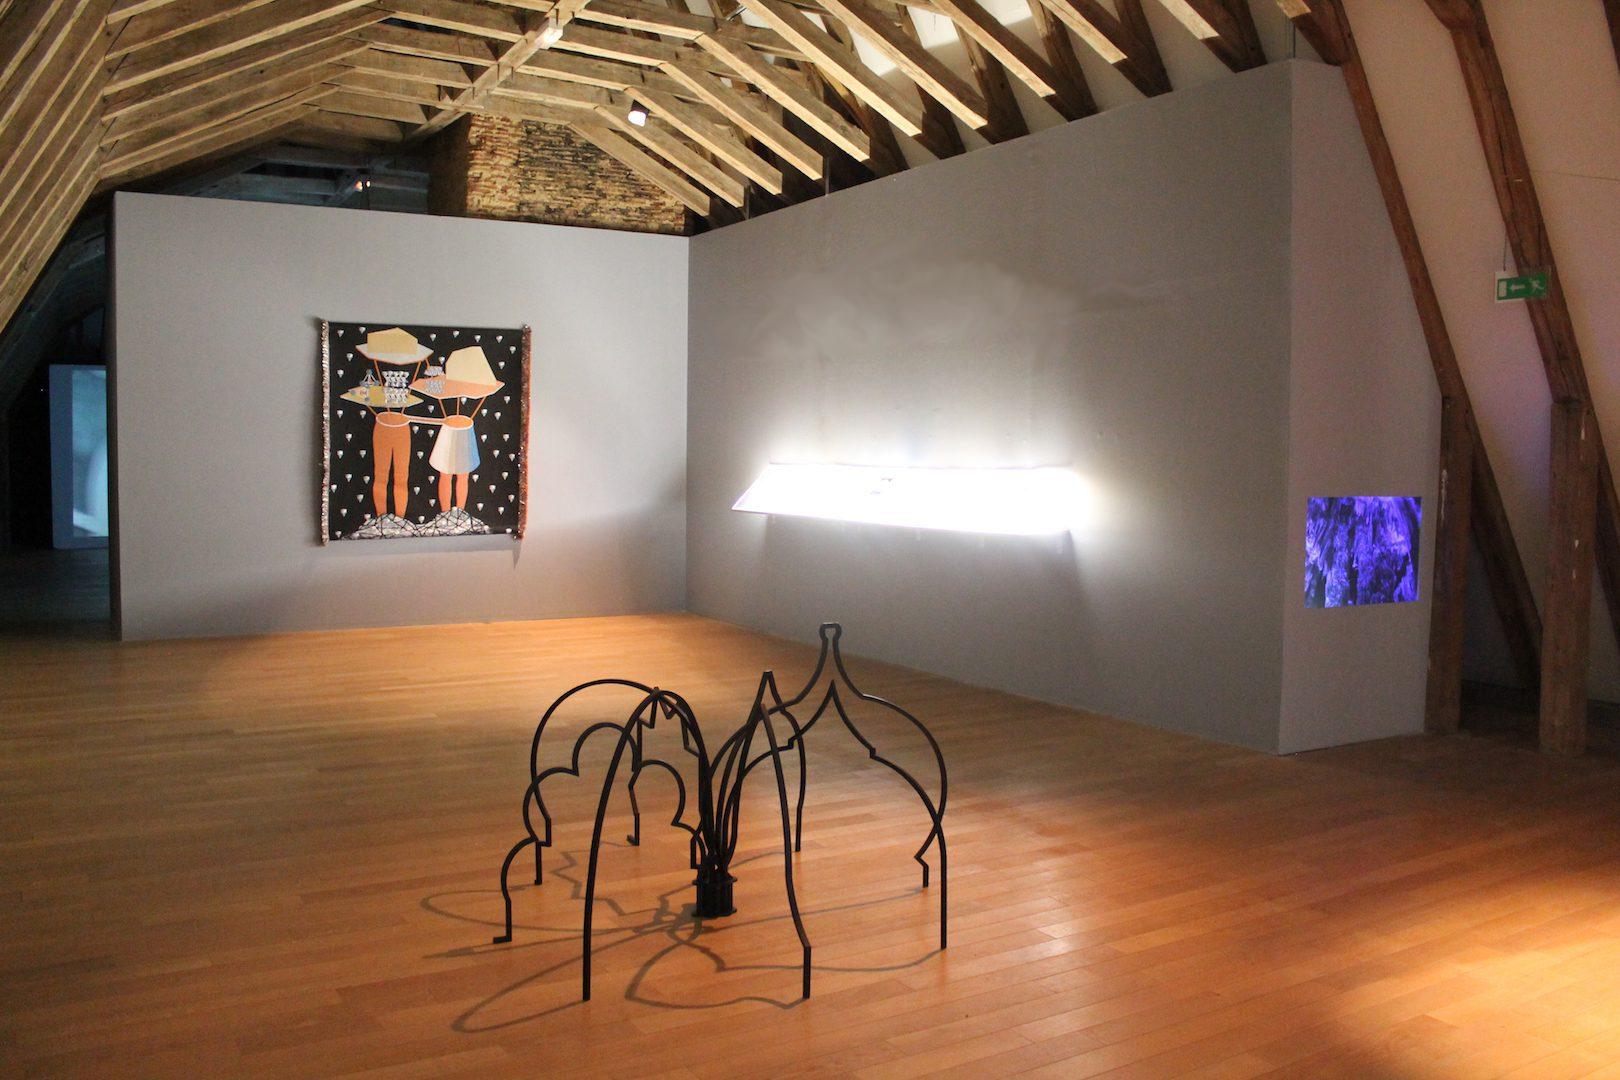 Installation View Zoulikha Bouabdellah, Kapwani Kiwanga and Otobong Nkanga. L'iris de Lucy, 2016. Courtesy of Musée départemental d'art contemporain de Rochechouart